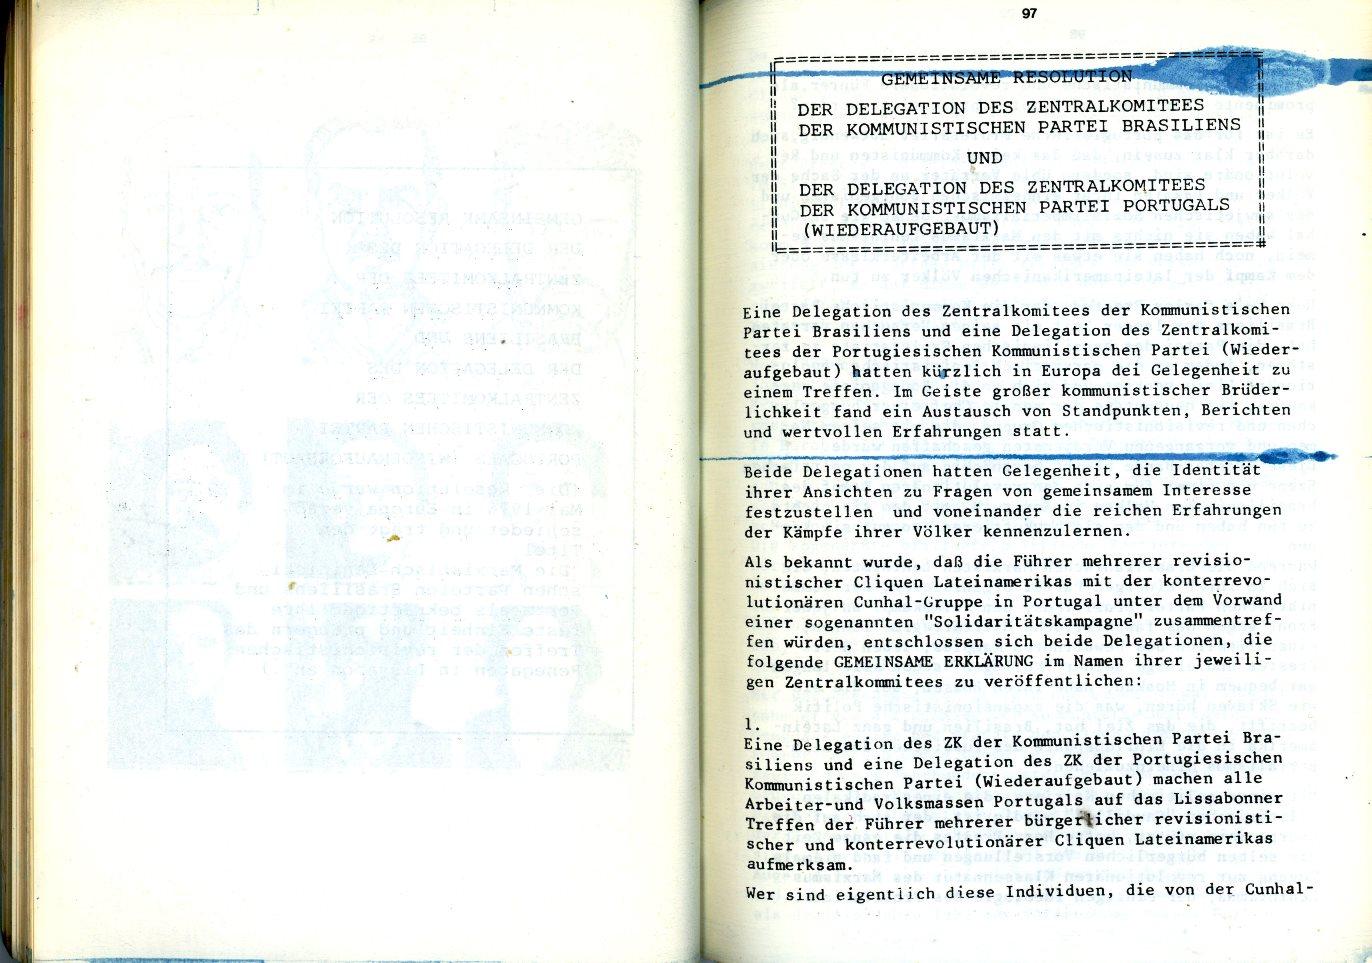 MLSK_Theorie_und_Praxis_des_ML_1978_20_57